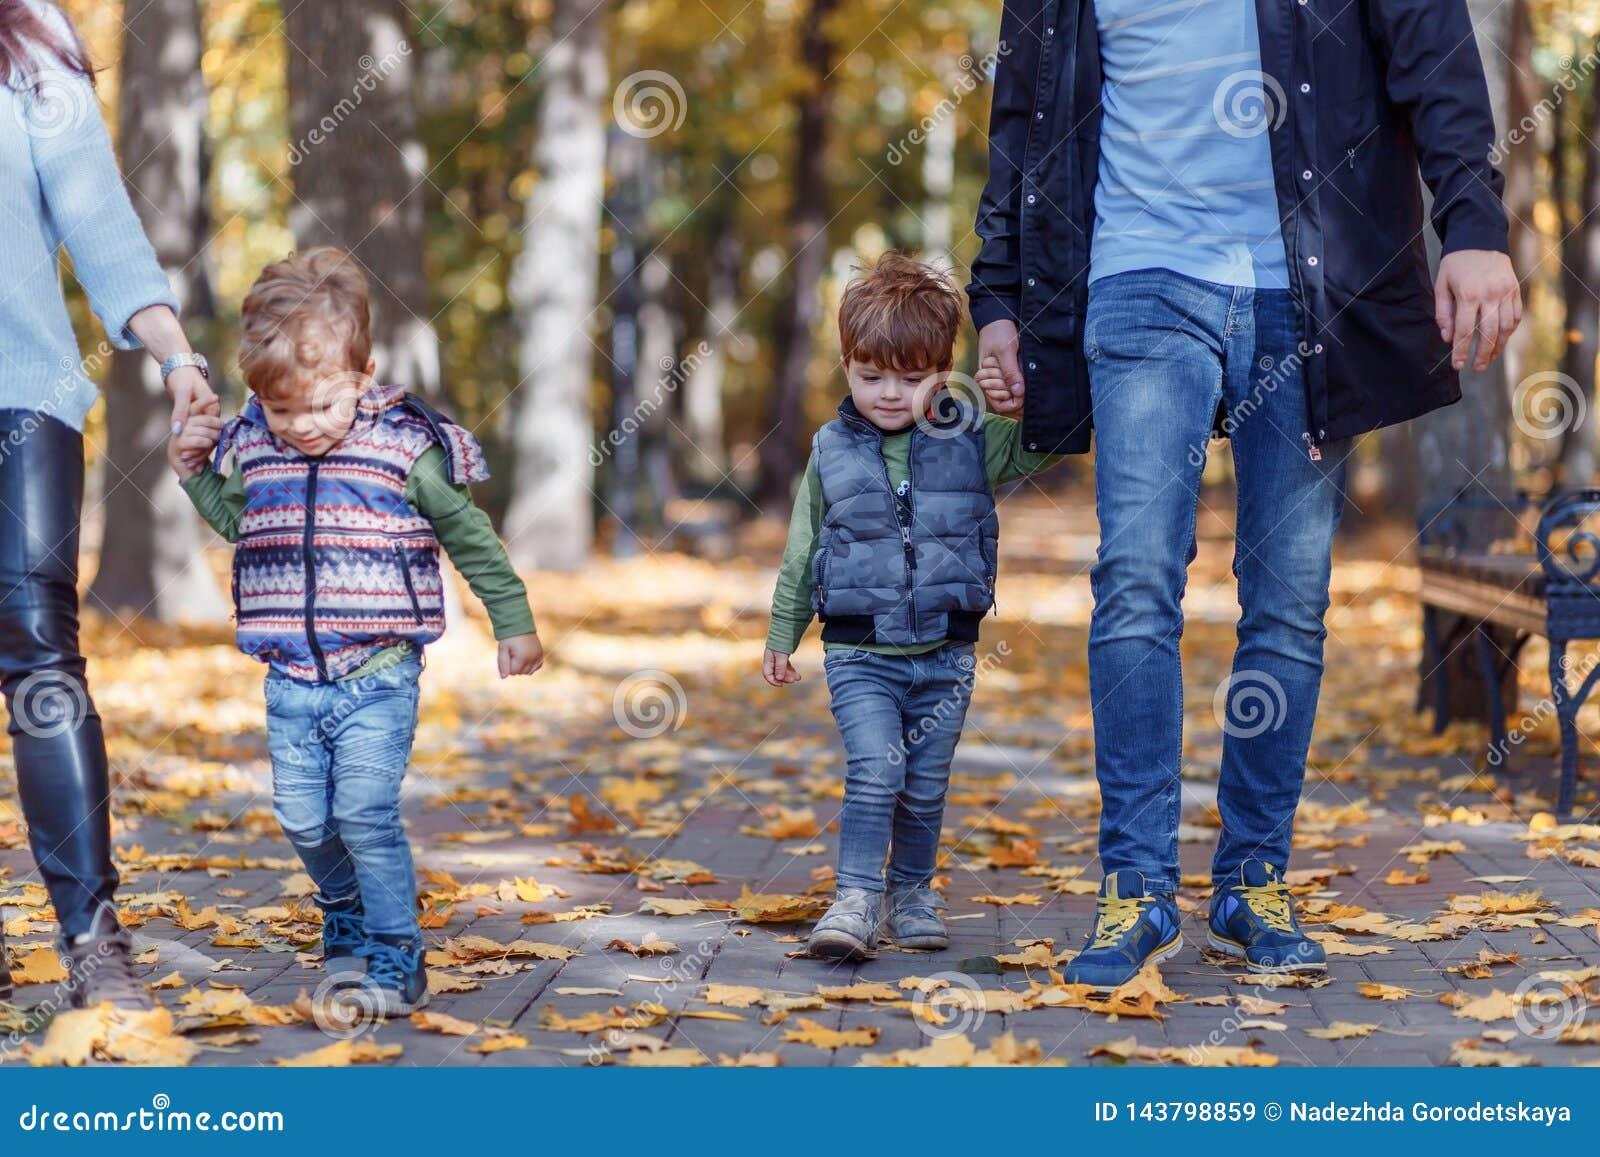 Natuurlijke beelden van een gelukkige familie van vier die pret outsiade op een zonnige de herfstdag hebben Samenhorigheid en gel